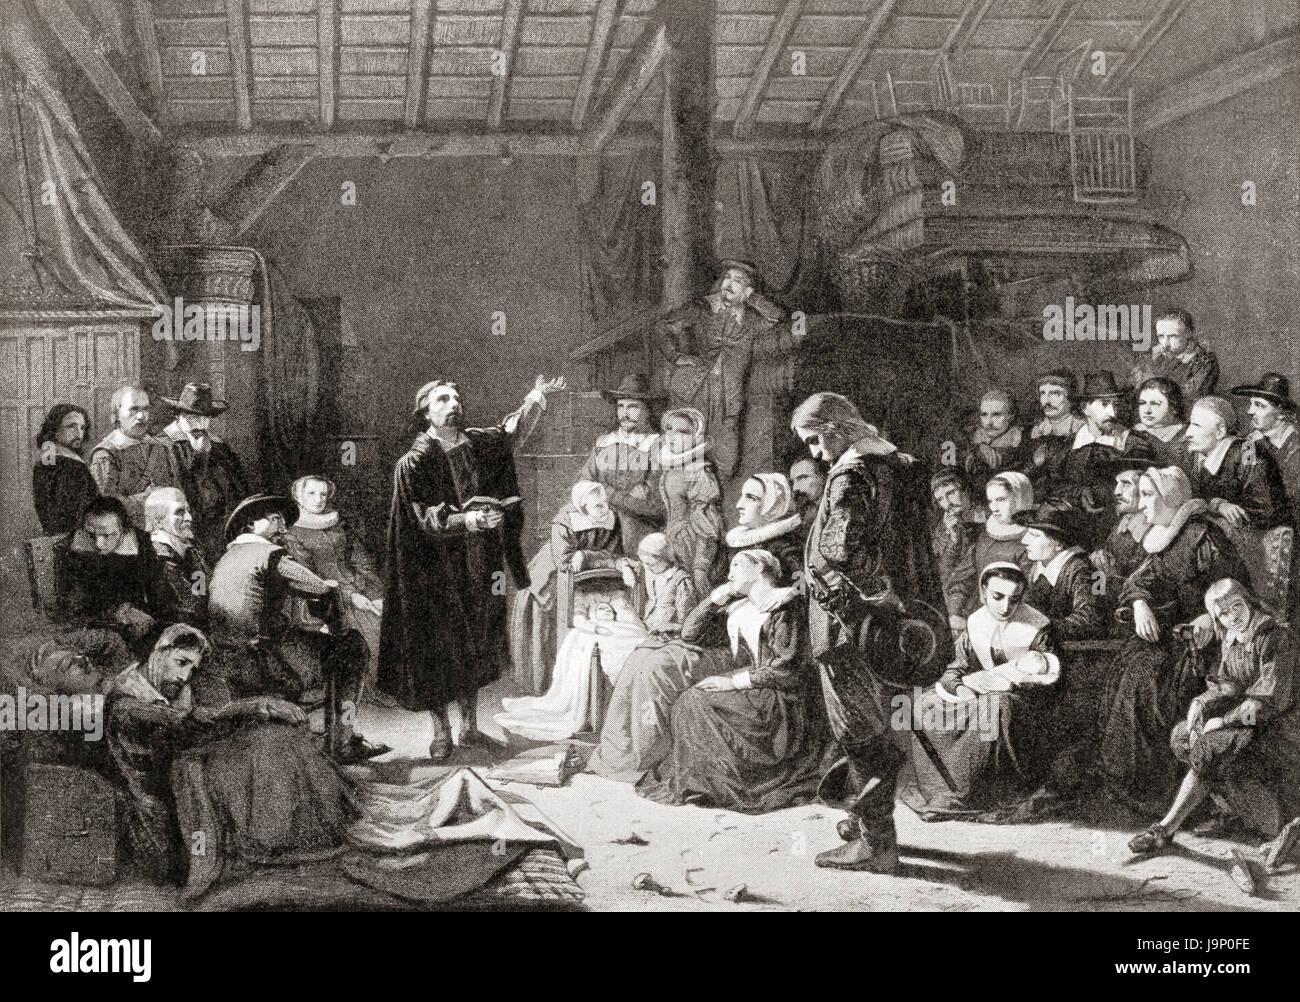 Il primo incontro del pellegrino padri del xvii secolo. Da Hutchinson nella storia delle nazioni, pubblicato 1915. Immagini Stock